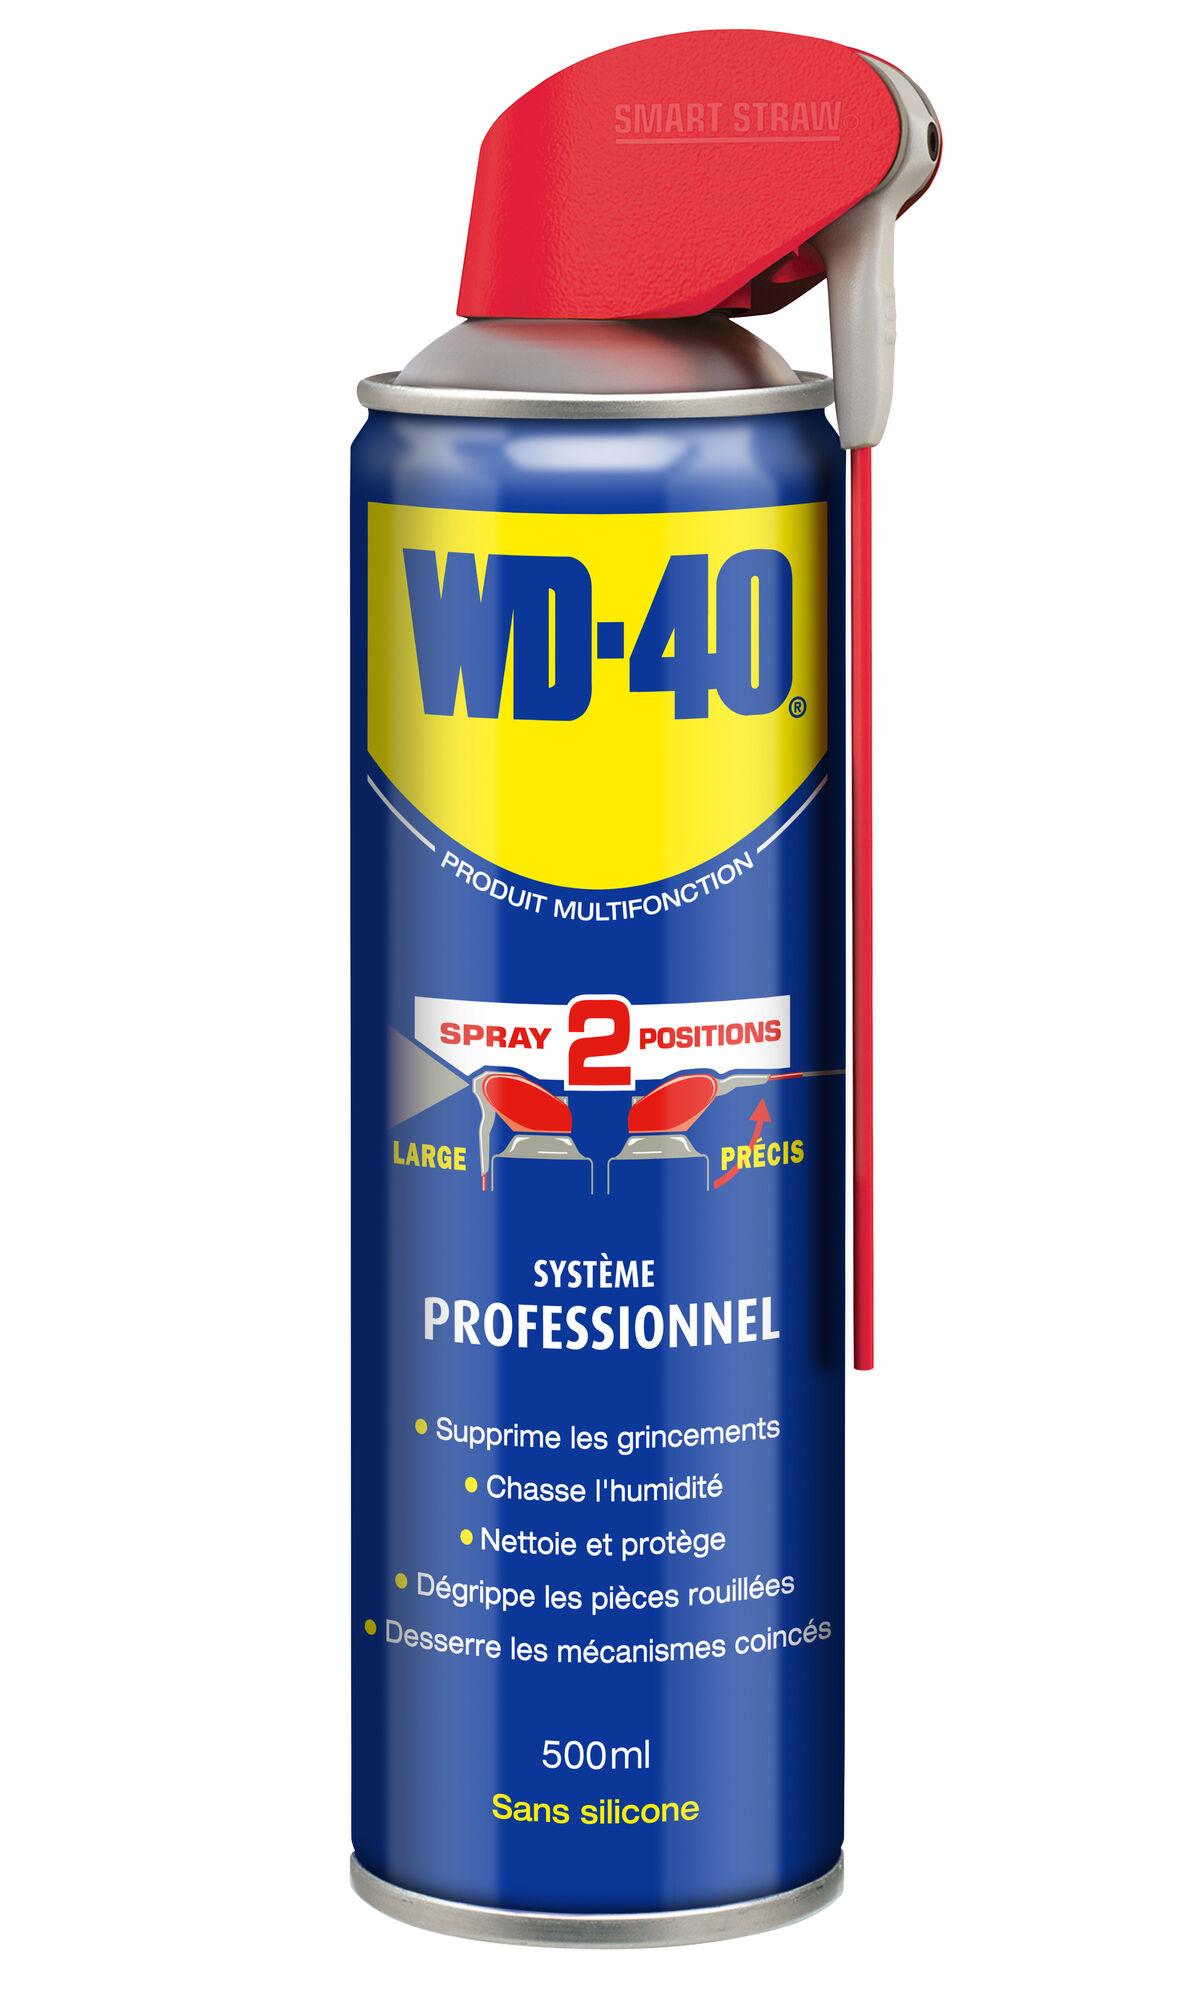 WD-40 PRODUIT MULTIFONCTION Dégrippant multi-usage aérosol 500ml - WD-40 - 33032/104